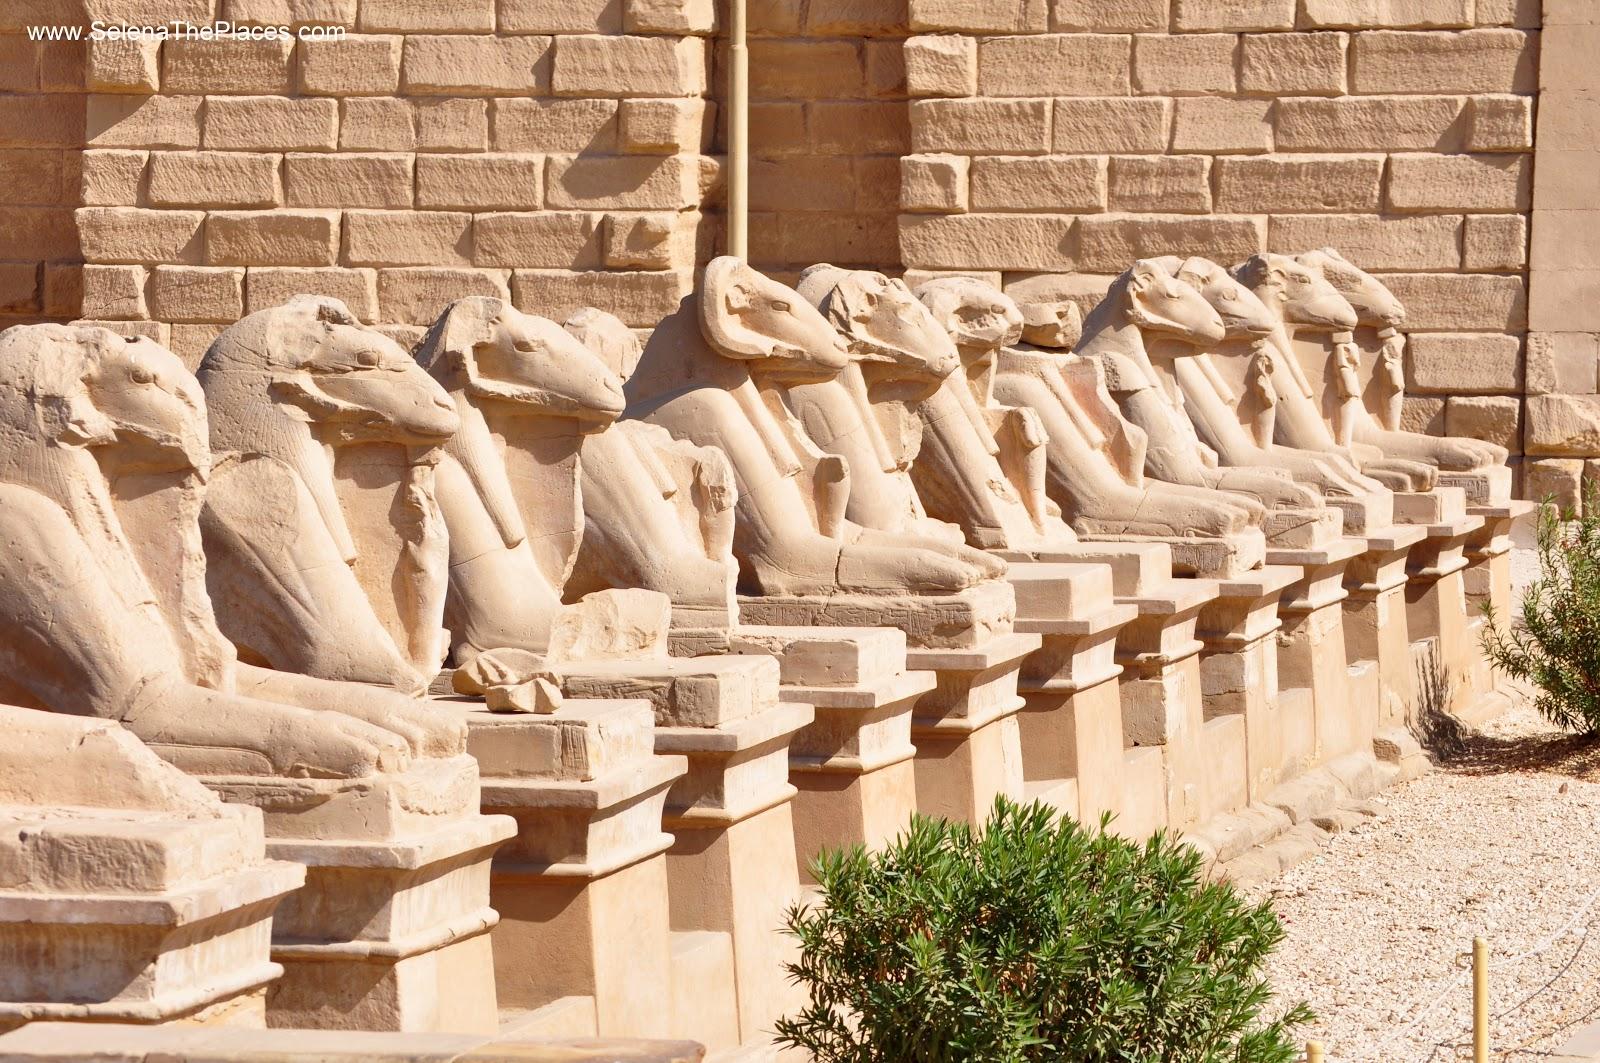 The Temple of Karnak in Luxor, Egypt